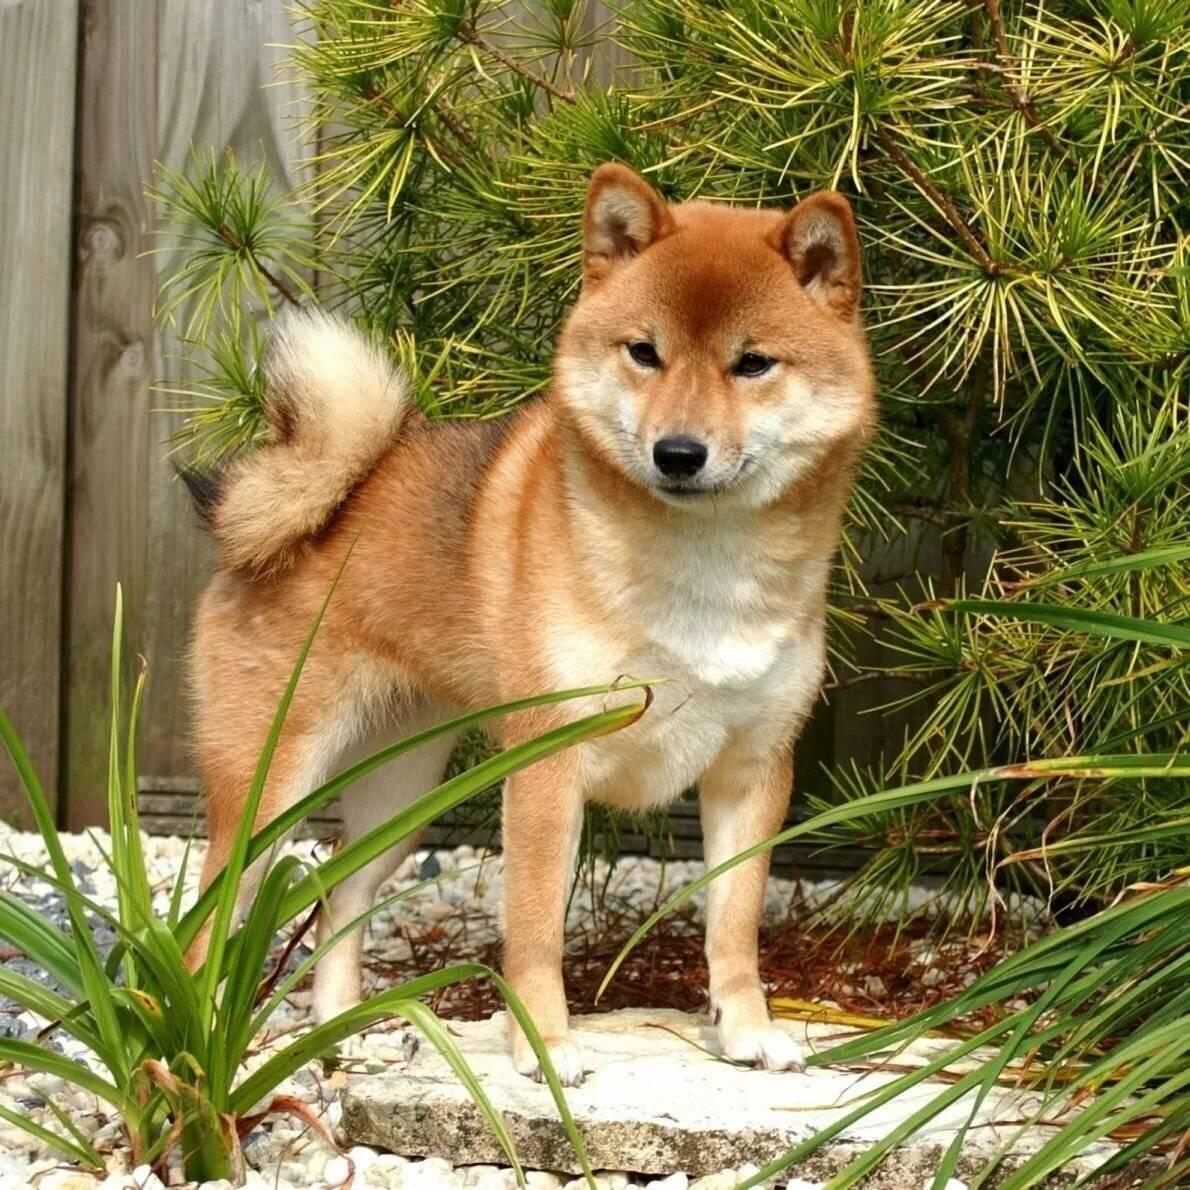 Собака айну: стандарт японской породы, внешность хоккайдо, содержание, дрессировка и фото